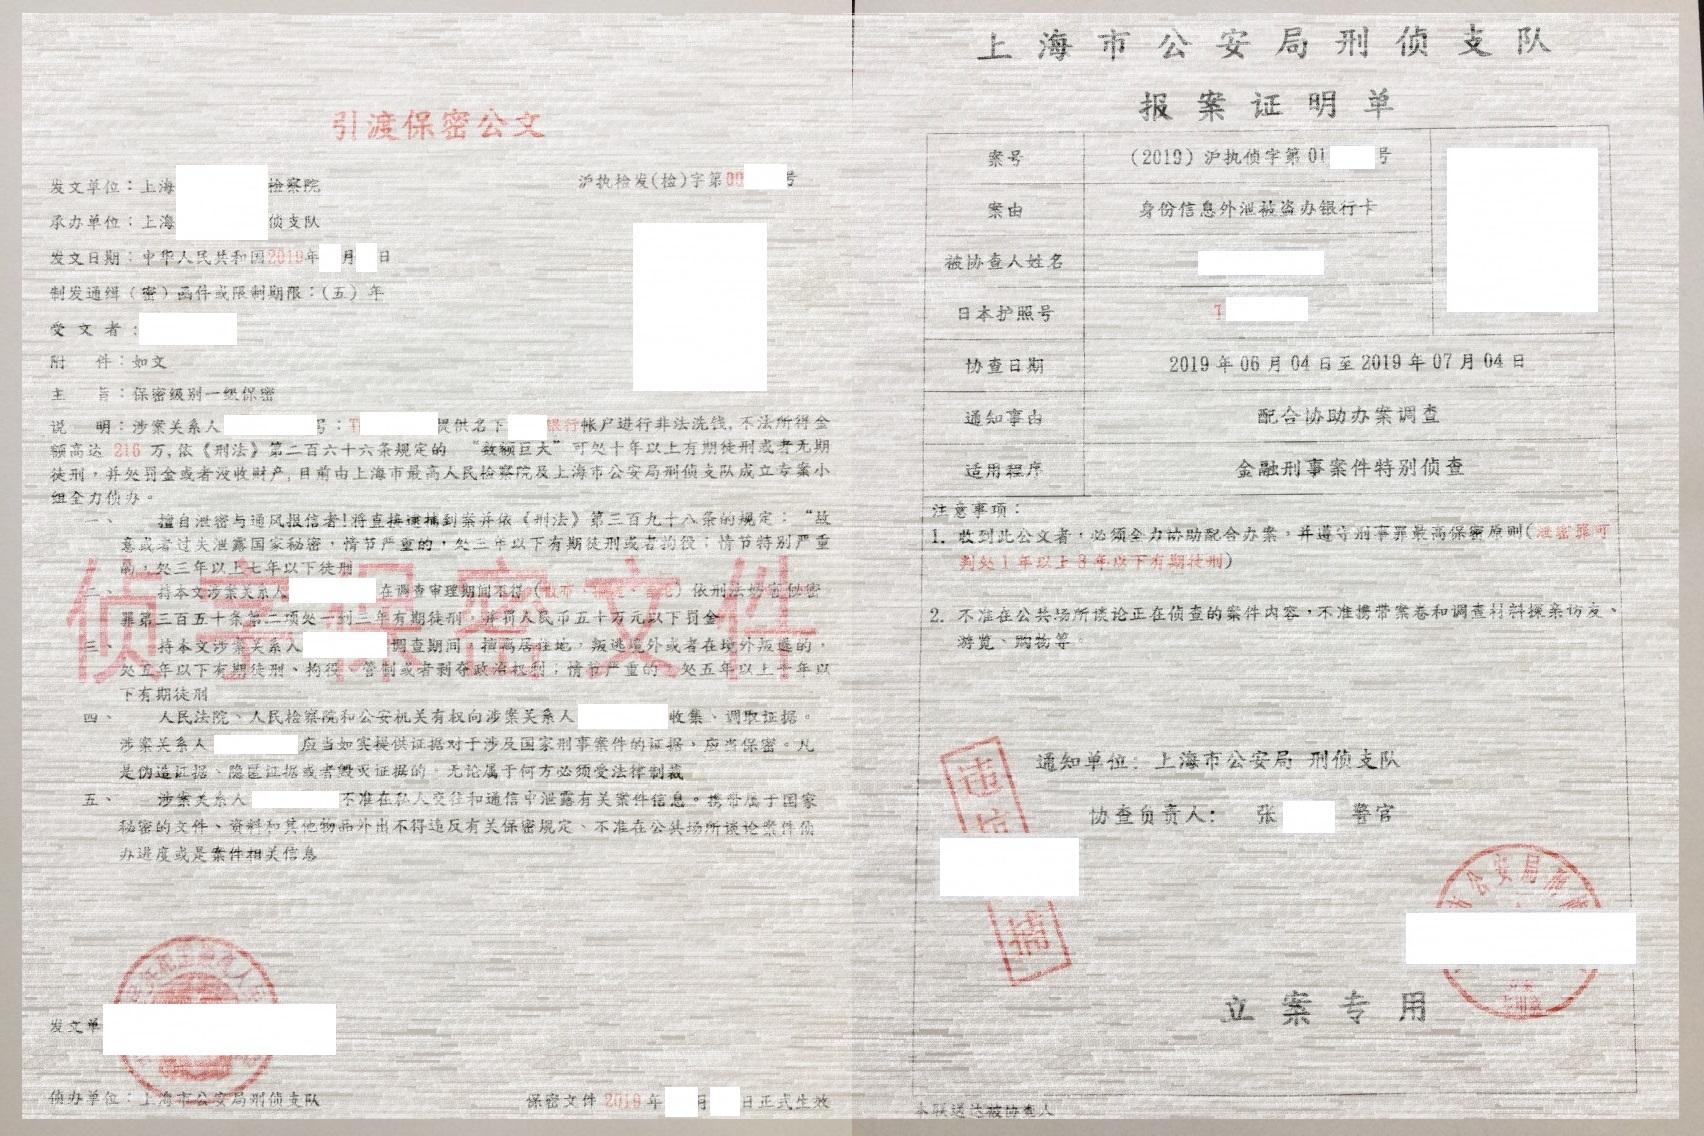 中国大使館の電話に出て、話を進めると、こんな書類をもらうことができる【巧妙な詐欺】